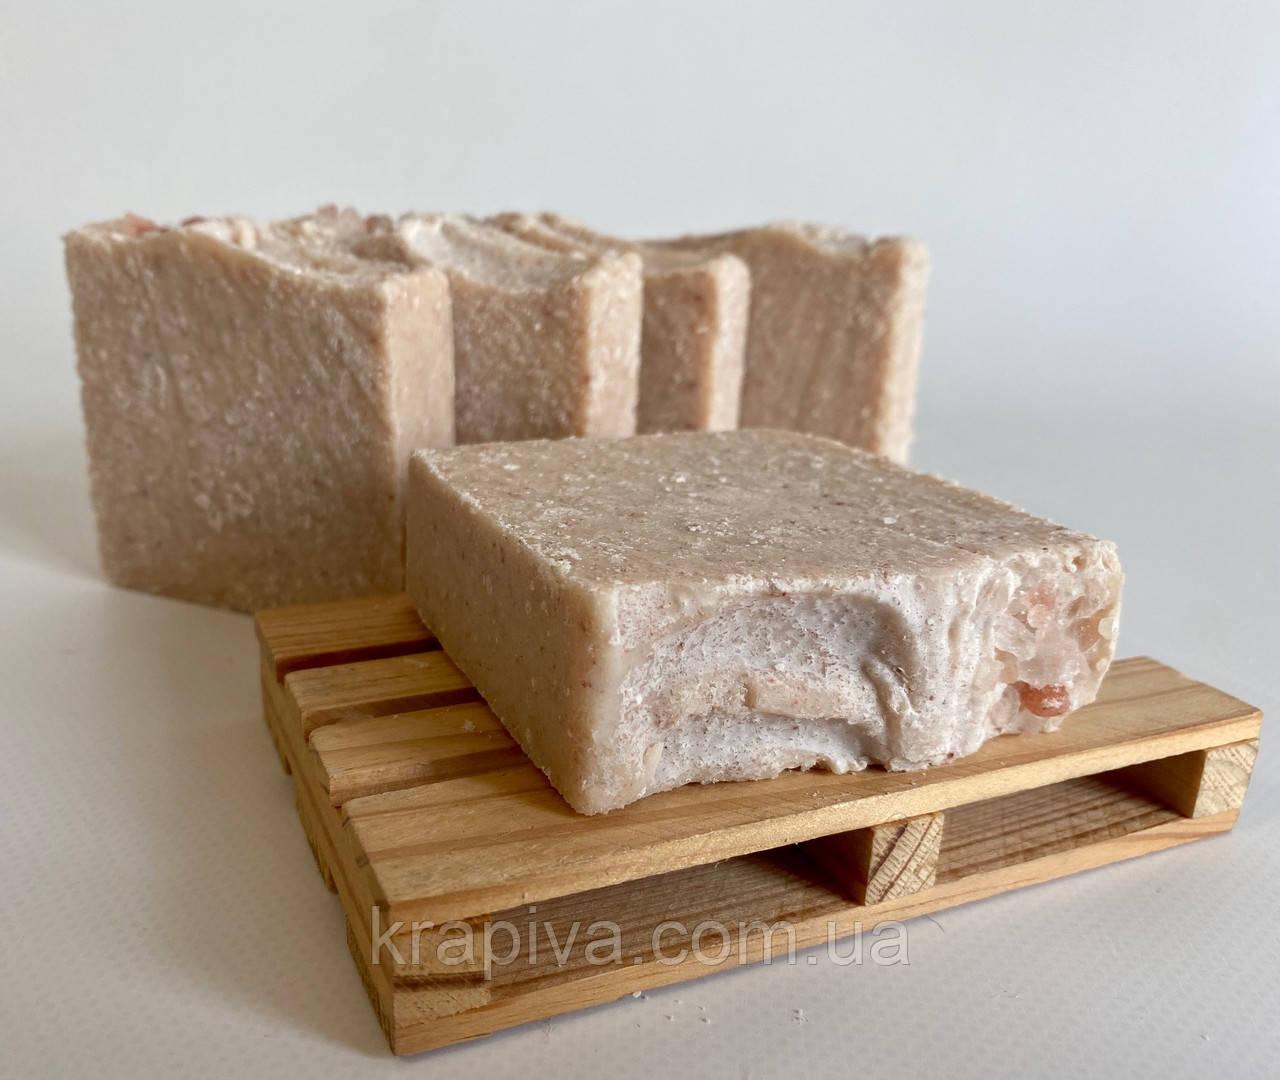 Натуральное мыло ручной работы с Гималайской солью 100-120г, натуральне мило ручної роботи гімалайською сіллю